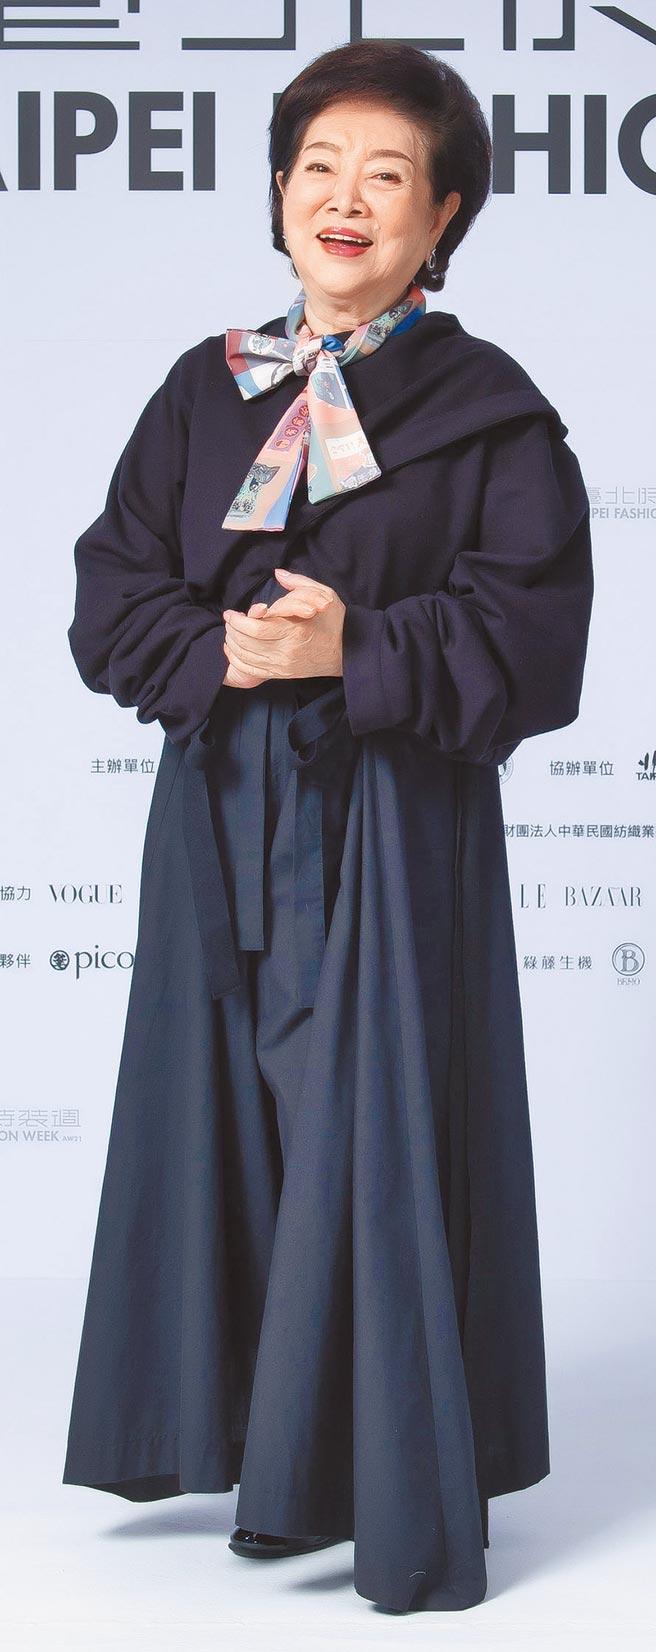 金馬影后陳淑芳出席臺北時裝週展前記者會,身穿INF的黑色修身套裝登場。(臺北時裝週提供)